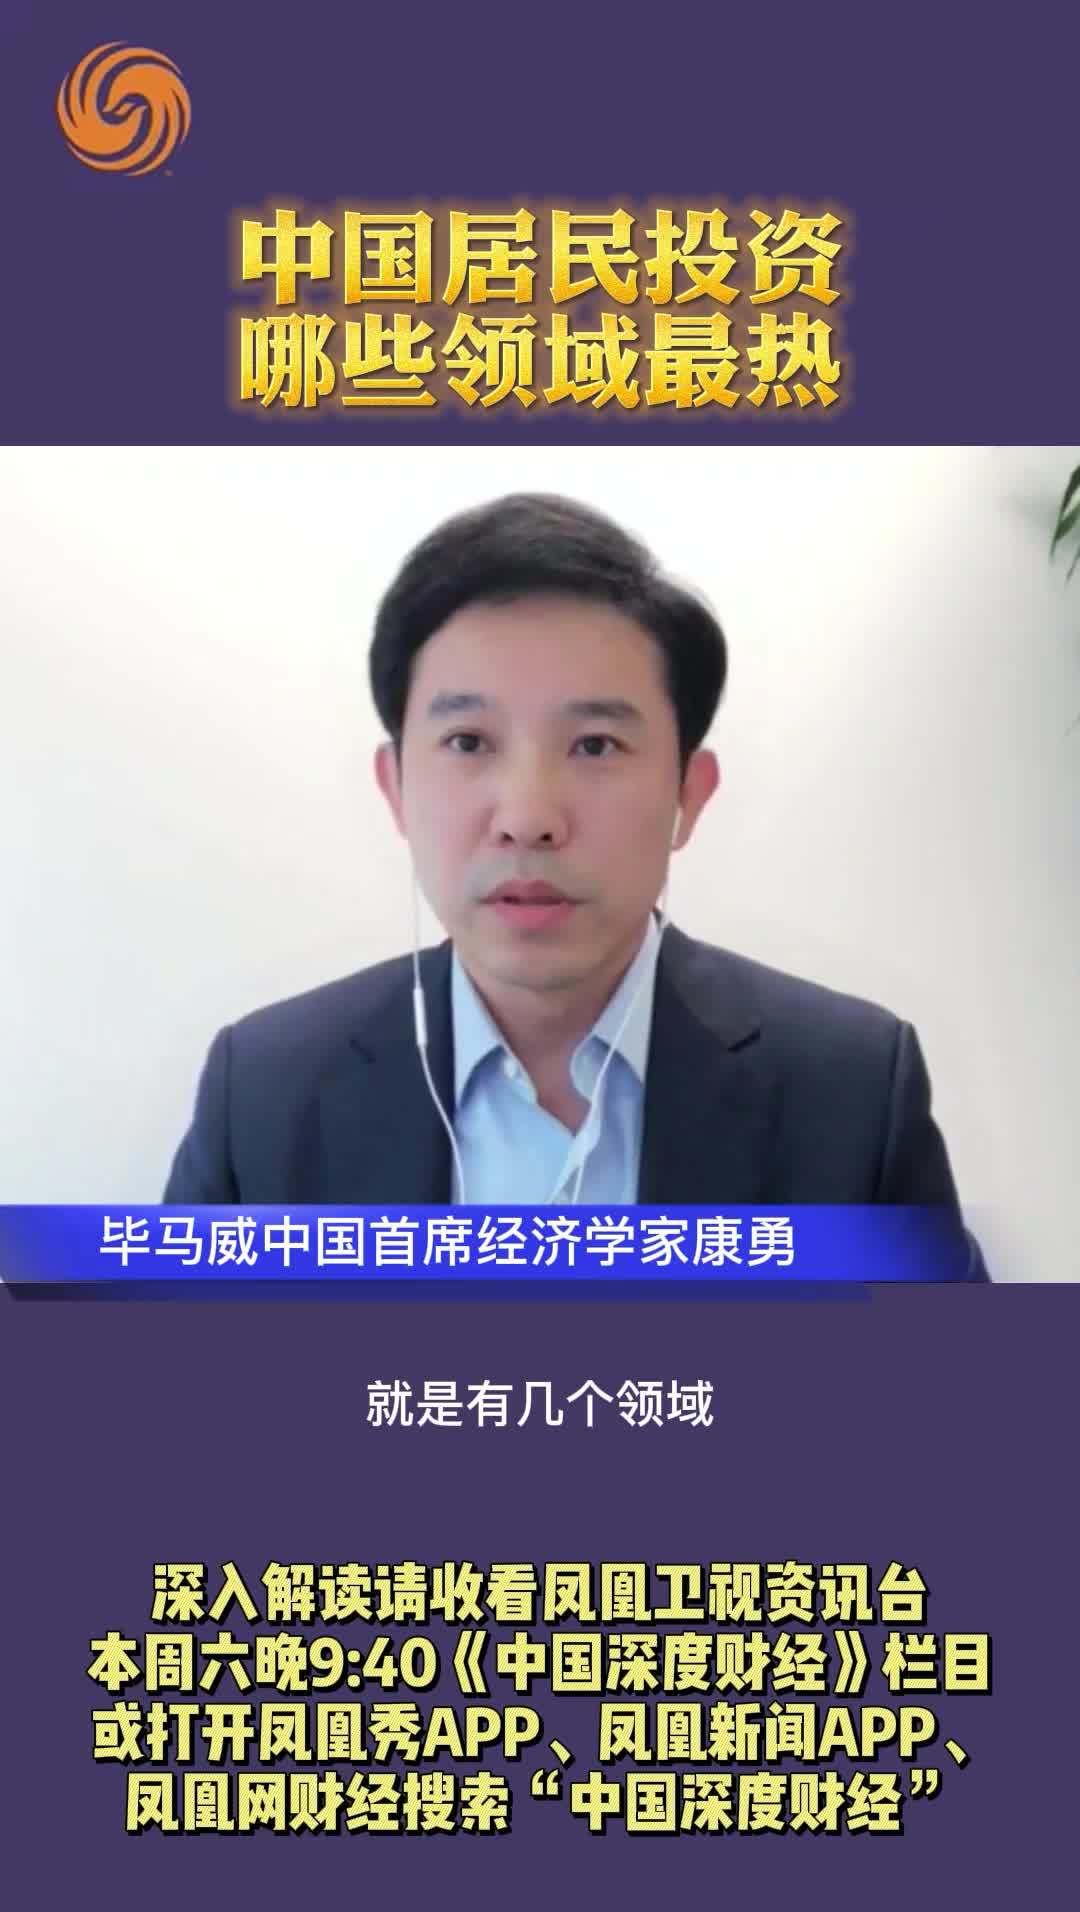 毕马威中国首席经济学家康勇:中国居民投资 哪些领域最热